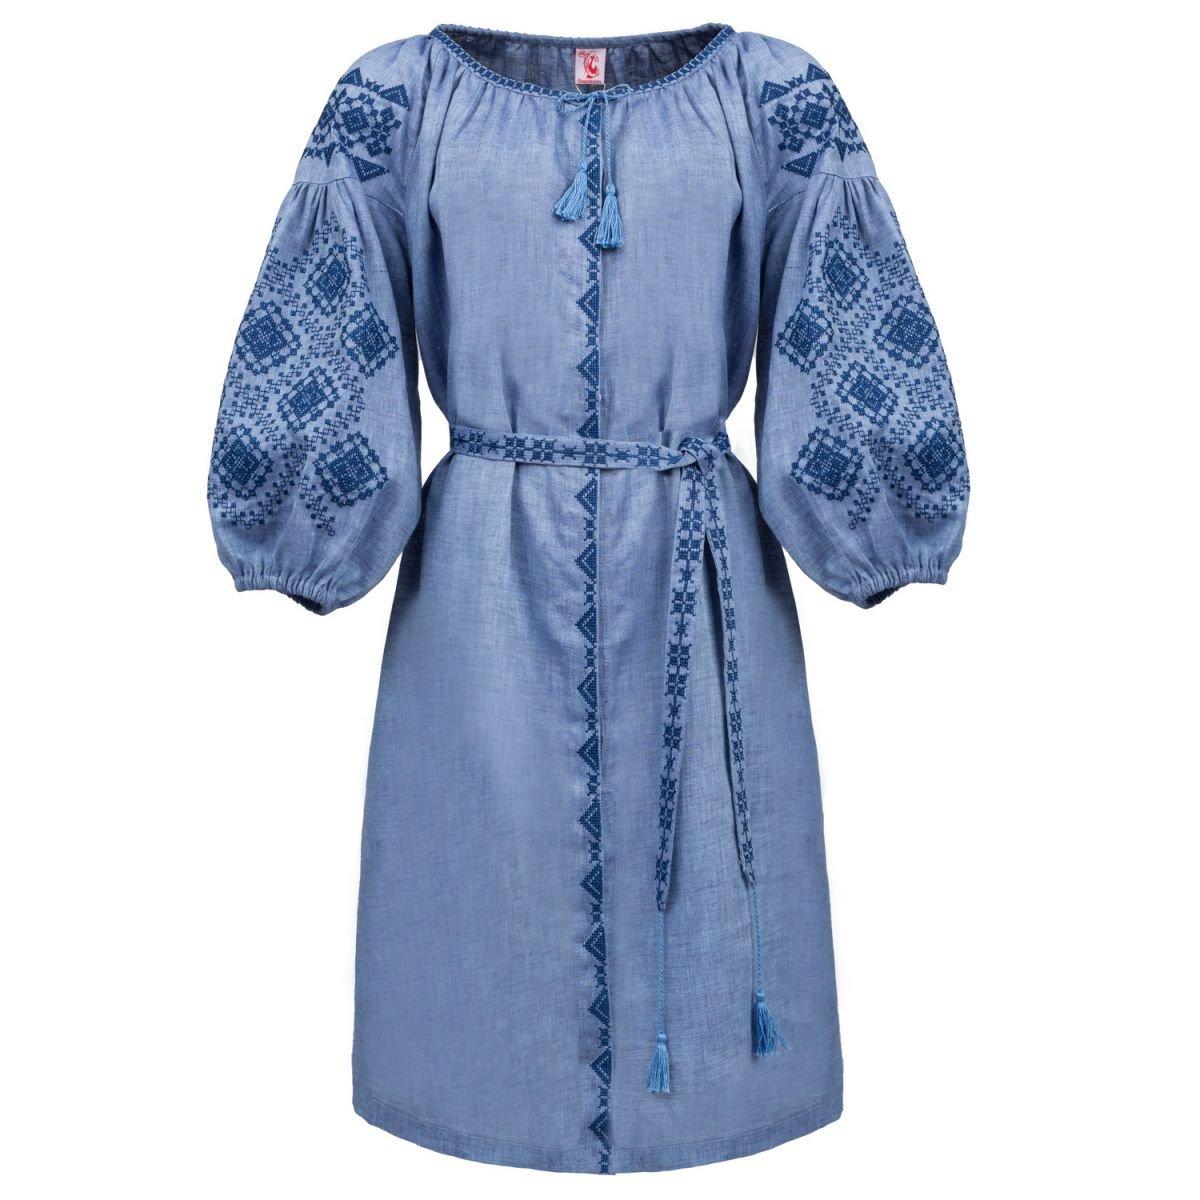 Плаття вишиванка Слобожанка з поясом - Іванна (блакитна) 42 1443da9f625fa